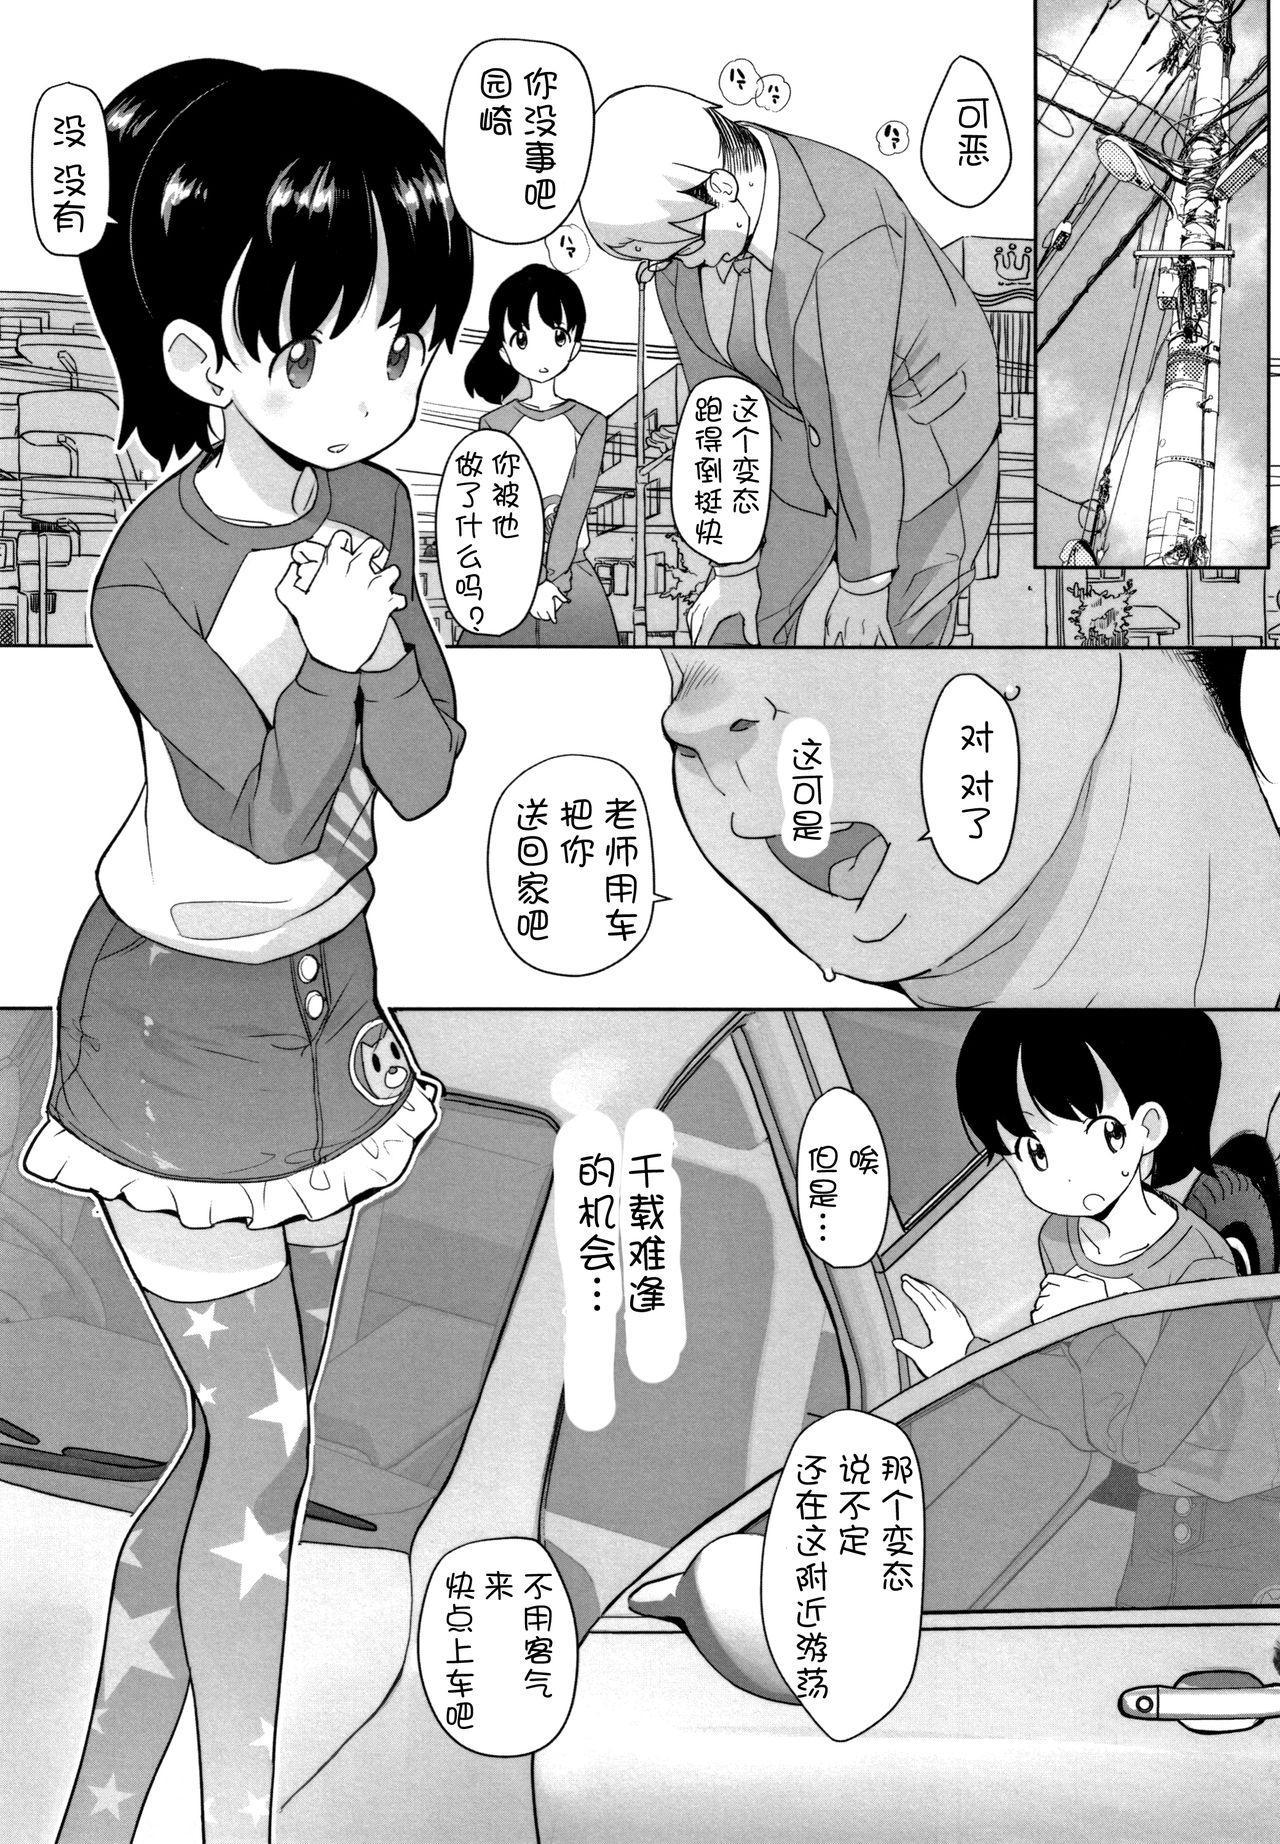 Nozoku Hito, Nozokareru Hito 3 3